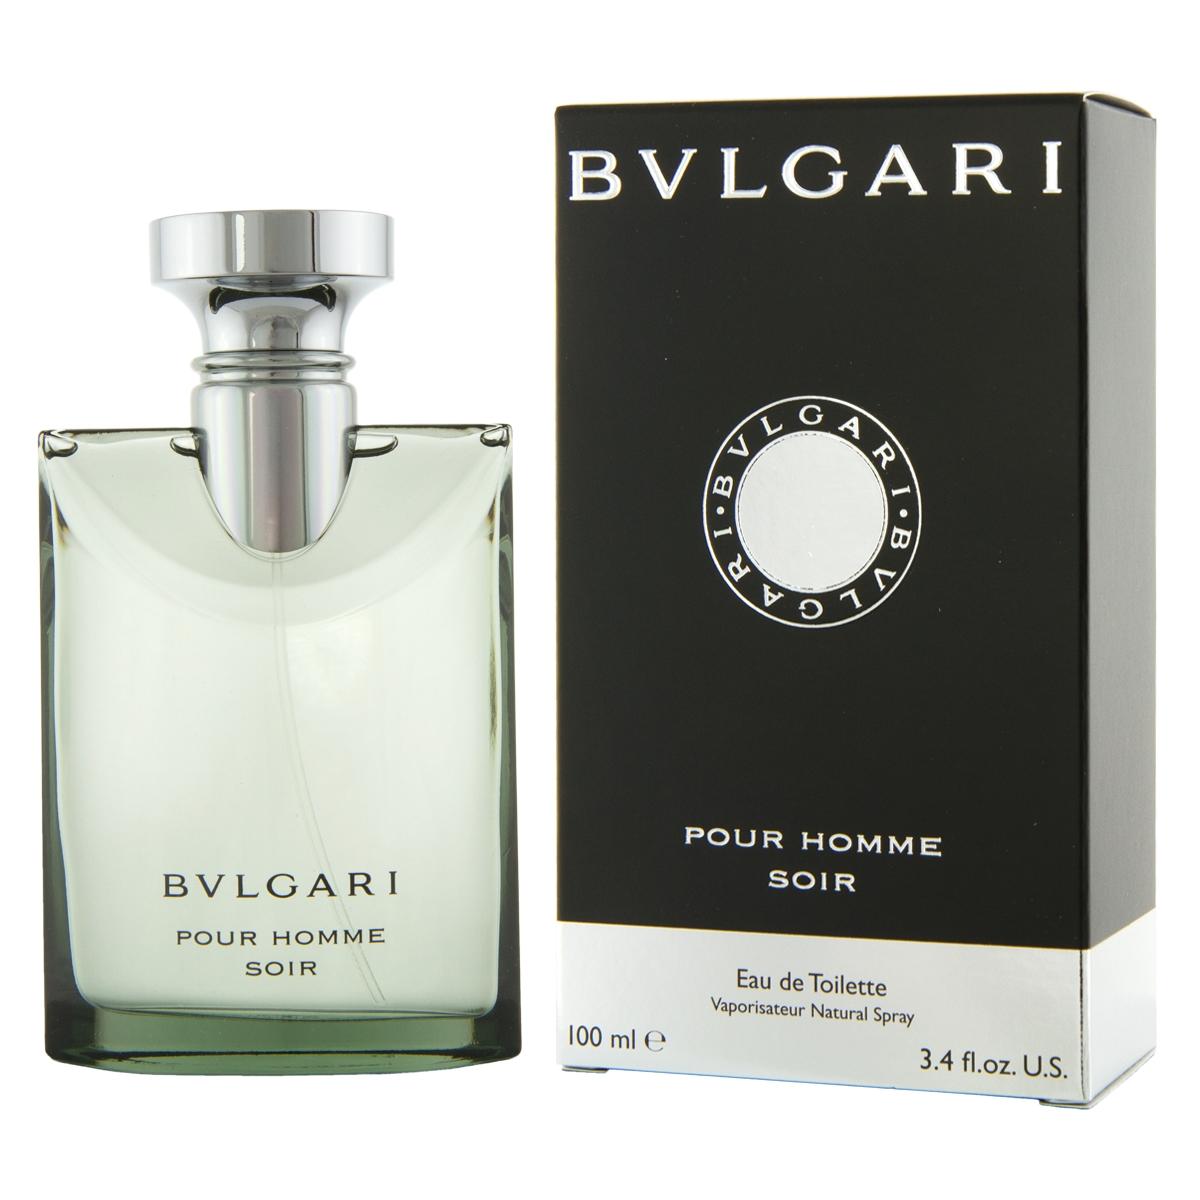 Bvlgari Pour Homme Soir EDT 100 ml M